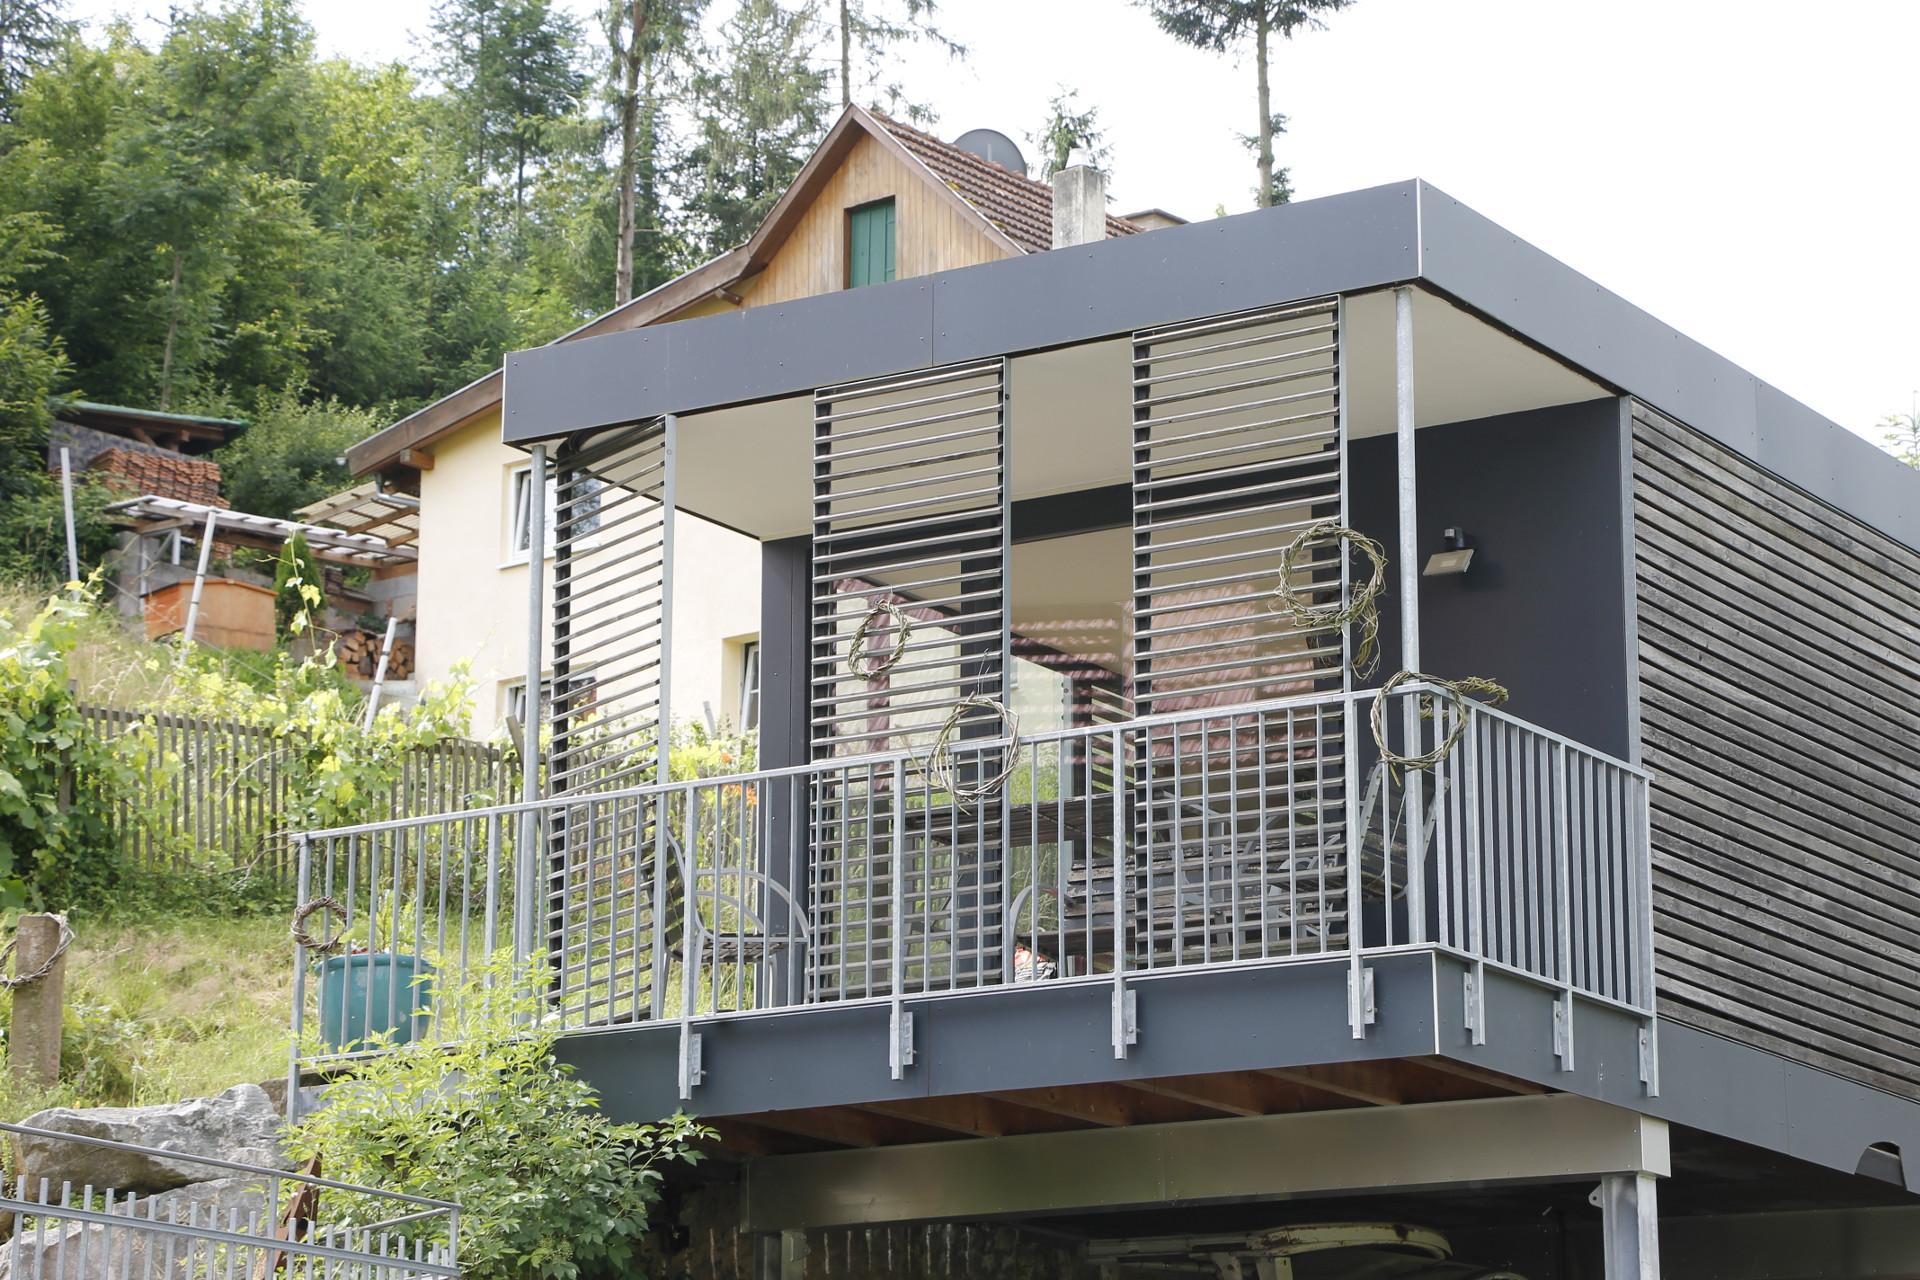 urlaub im schwarzwald von design und traumferienh usern lavendelblog. Black Bedroom Furniture Sets. Home Design Ideas